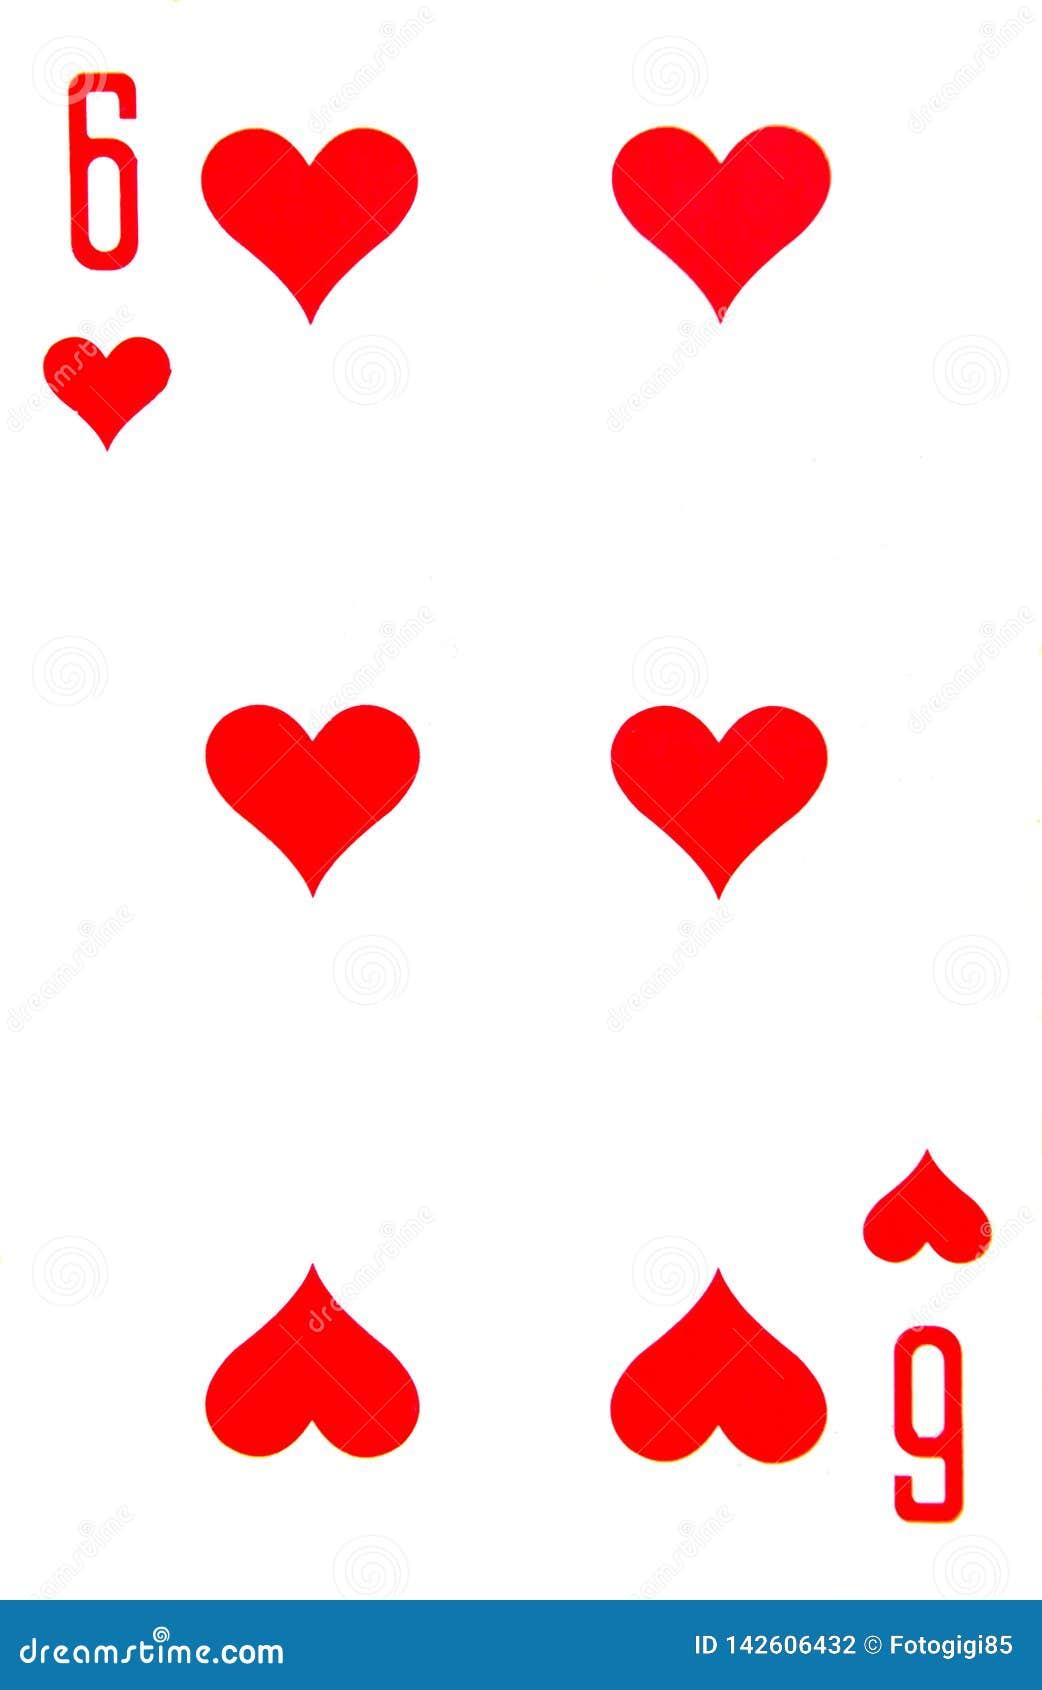 Играть карты 6 как выиграть у игрового автомата казино